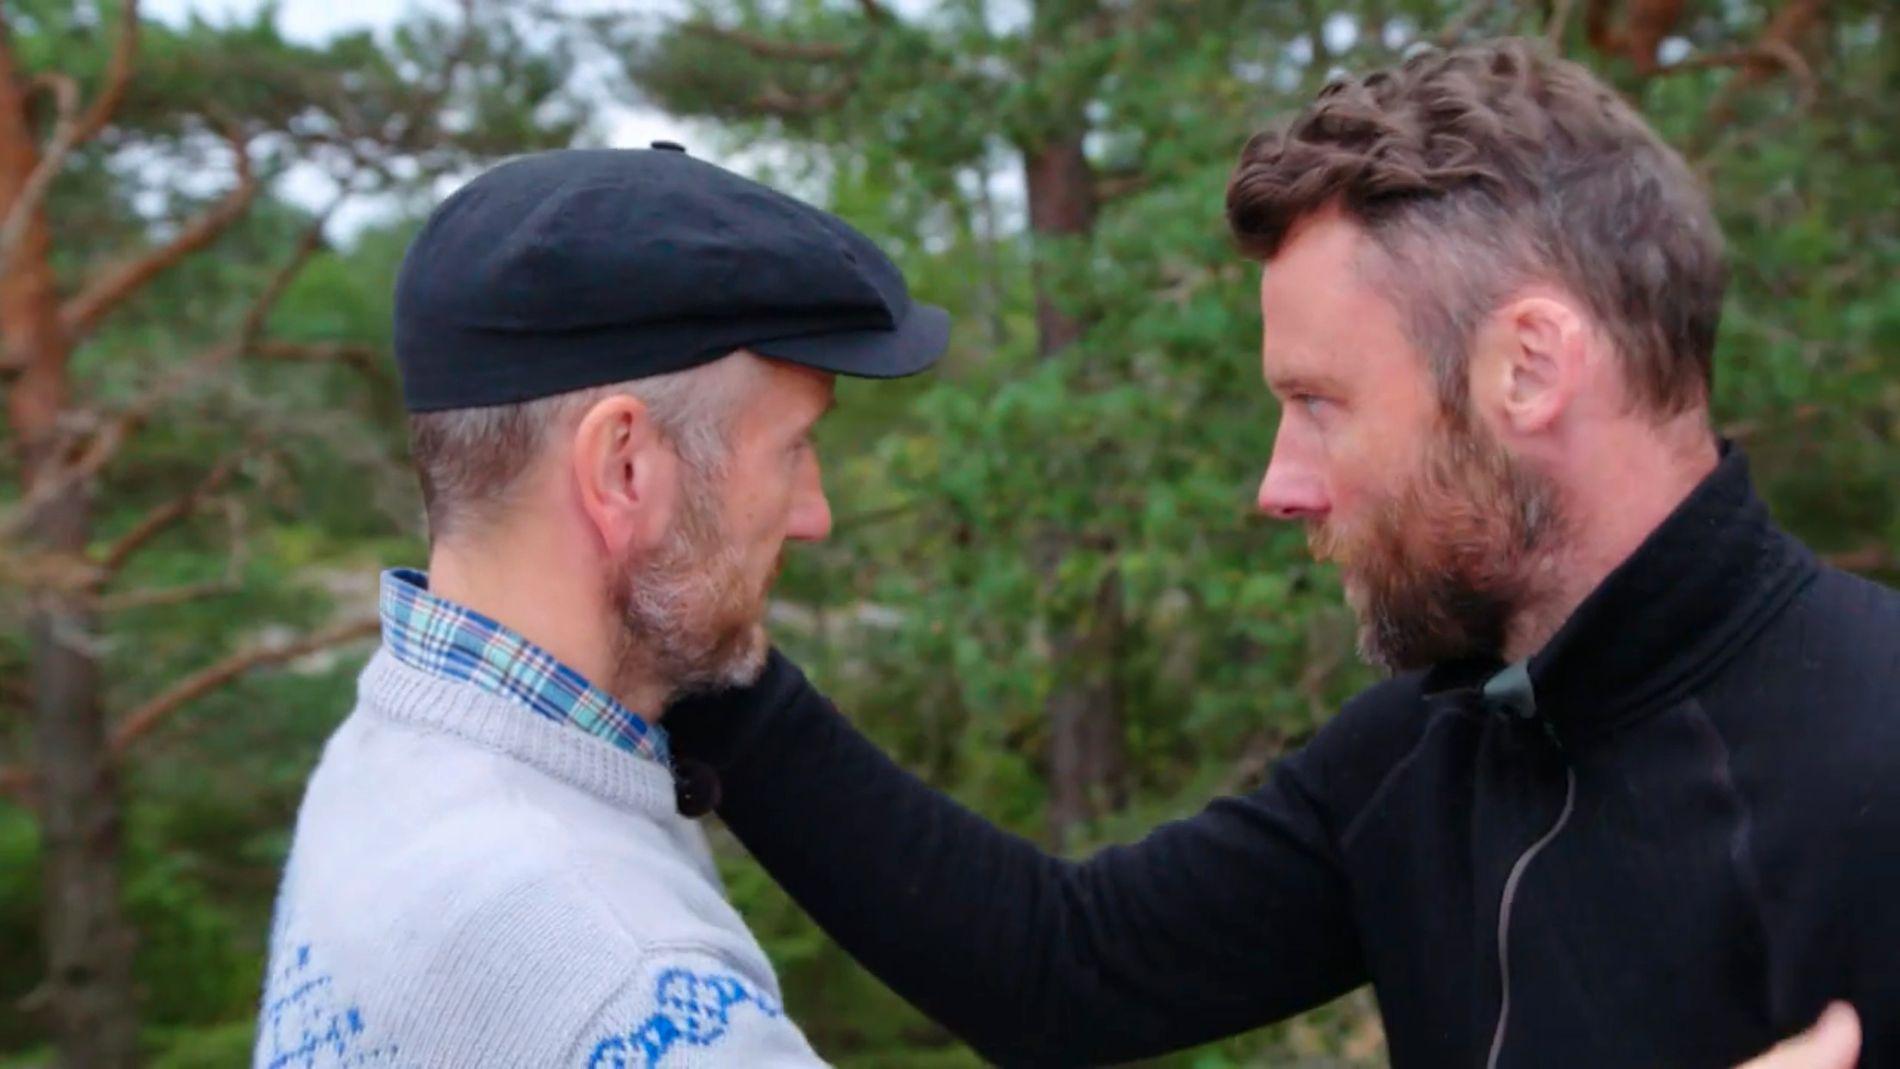 AVSKJED: Tom Evensen (t.h.) er skuffet over å være utslått, men klapper seierherren Geir Magne Haukås på kinnet før han forlater arenaen.